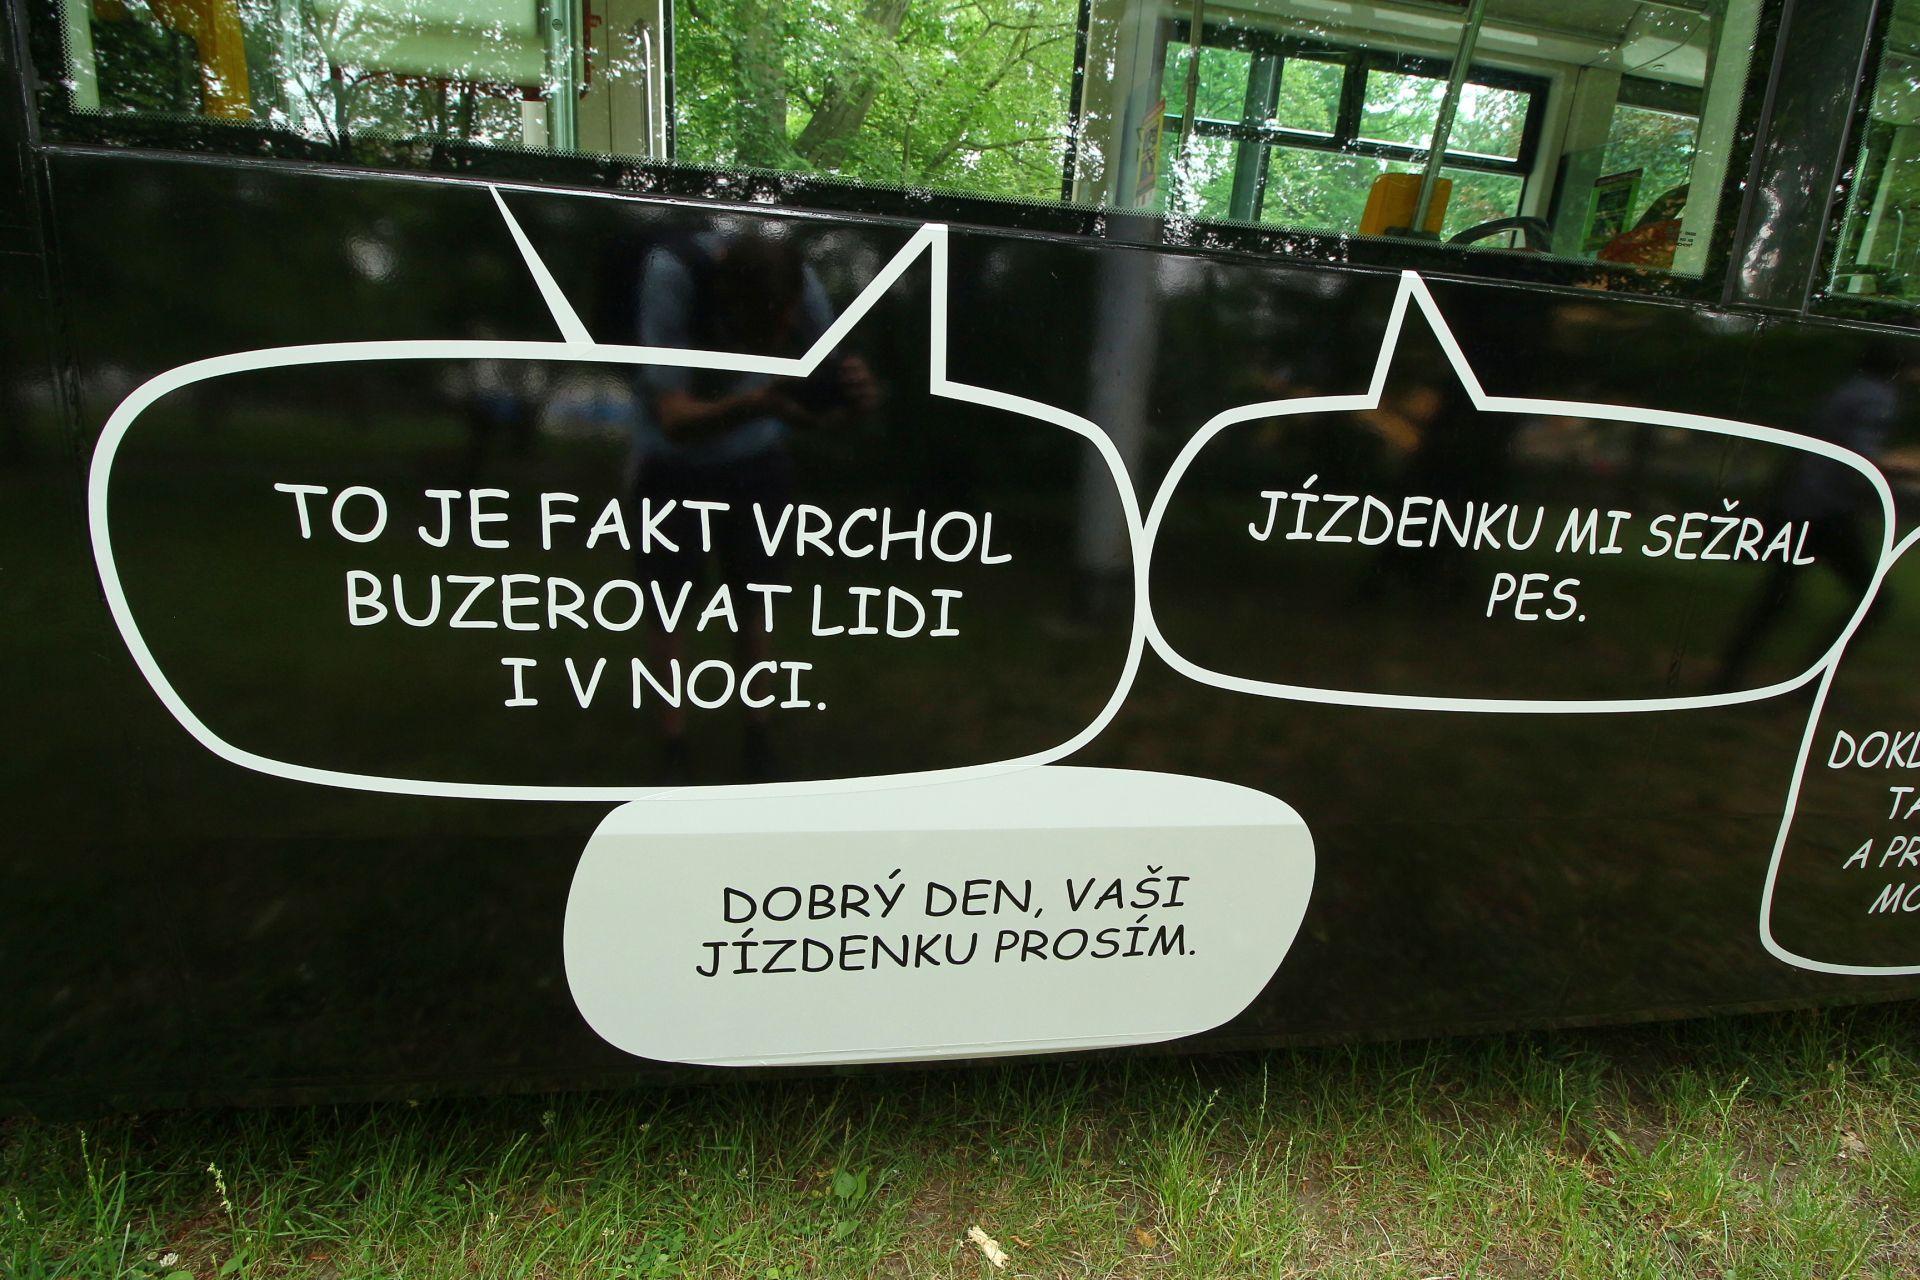 Tramvaj vyzdobená kampaní proti jízdám na černo. Autor: ROPID